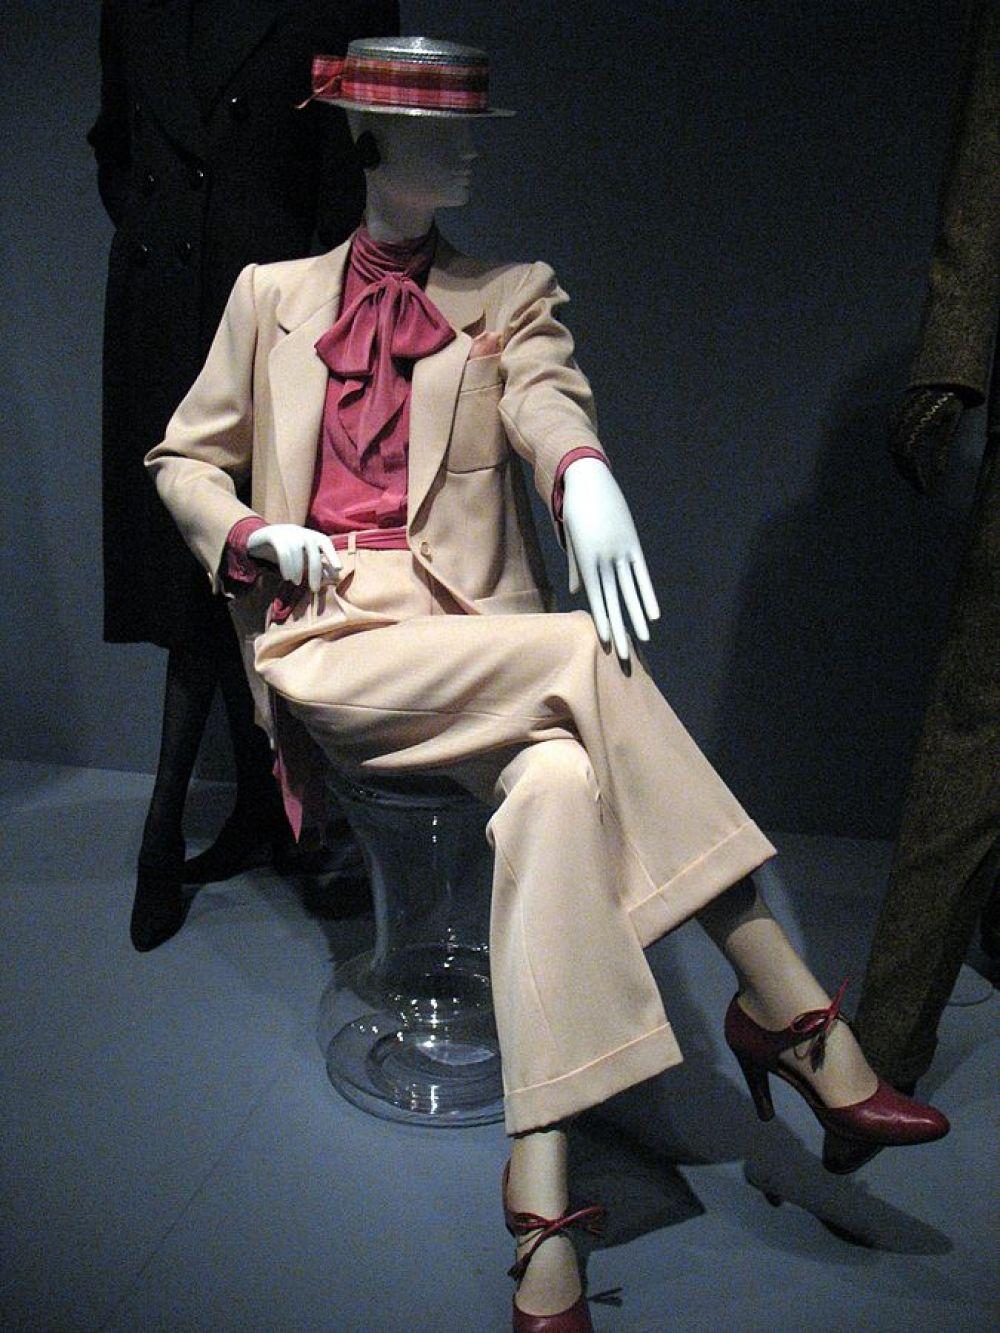 Ив Сен-Лоран одним из первых модельеров объявил войну гендерному формализму в моде и подарил женщинам многие элементы мужского гардероба, без которых сложно представить современный стиль. Например, именно Сен-Лоран доказал миру, что женщина в брюках — это красиво.